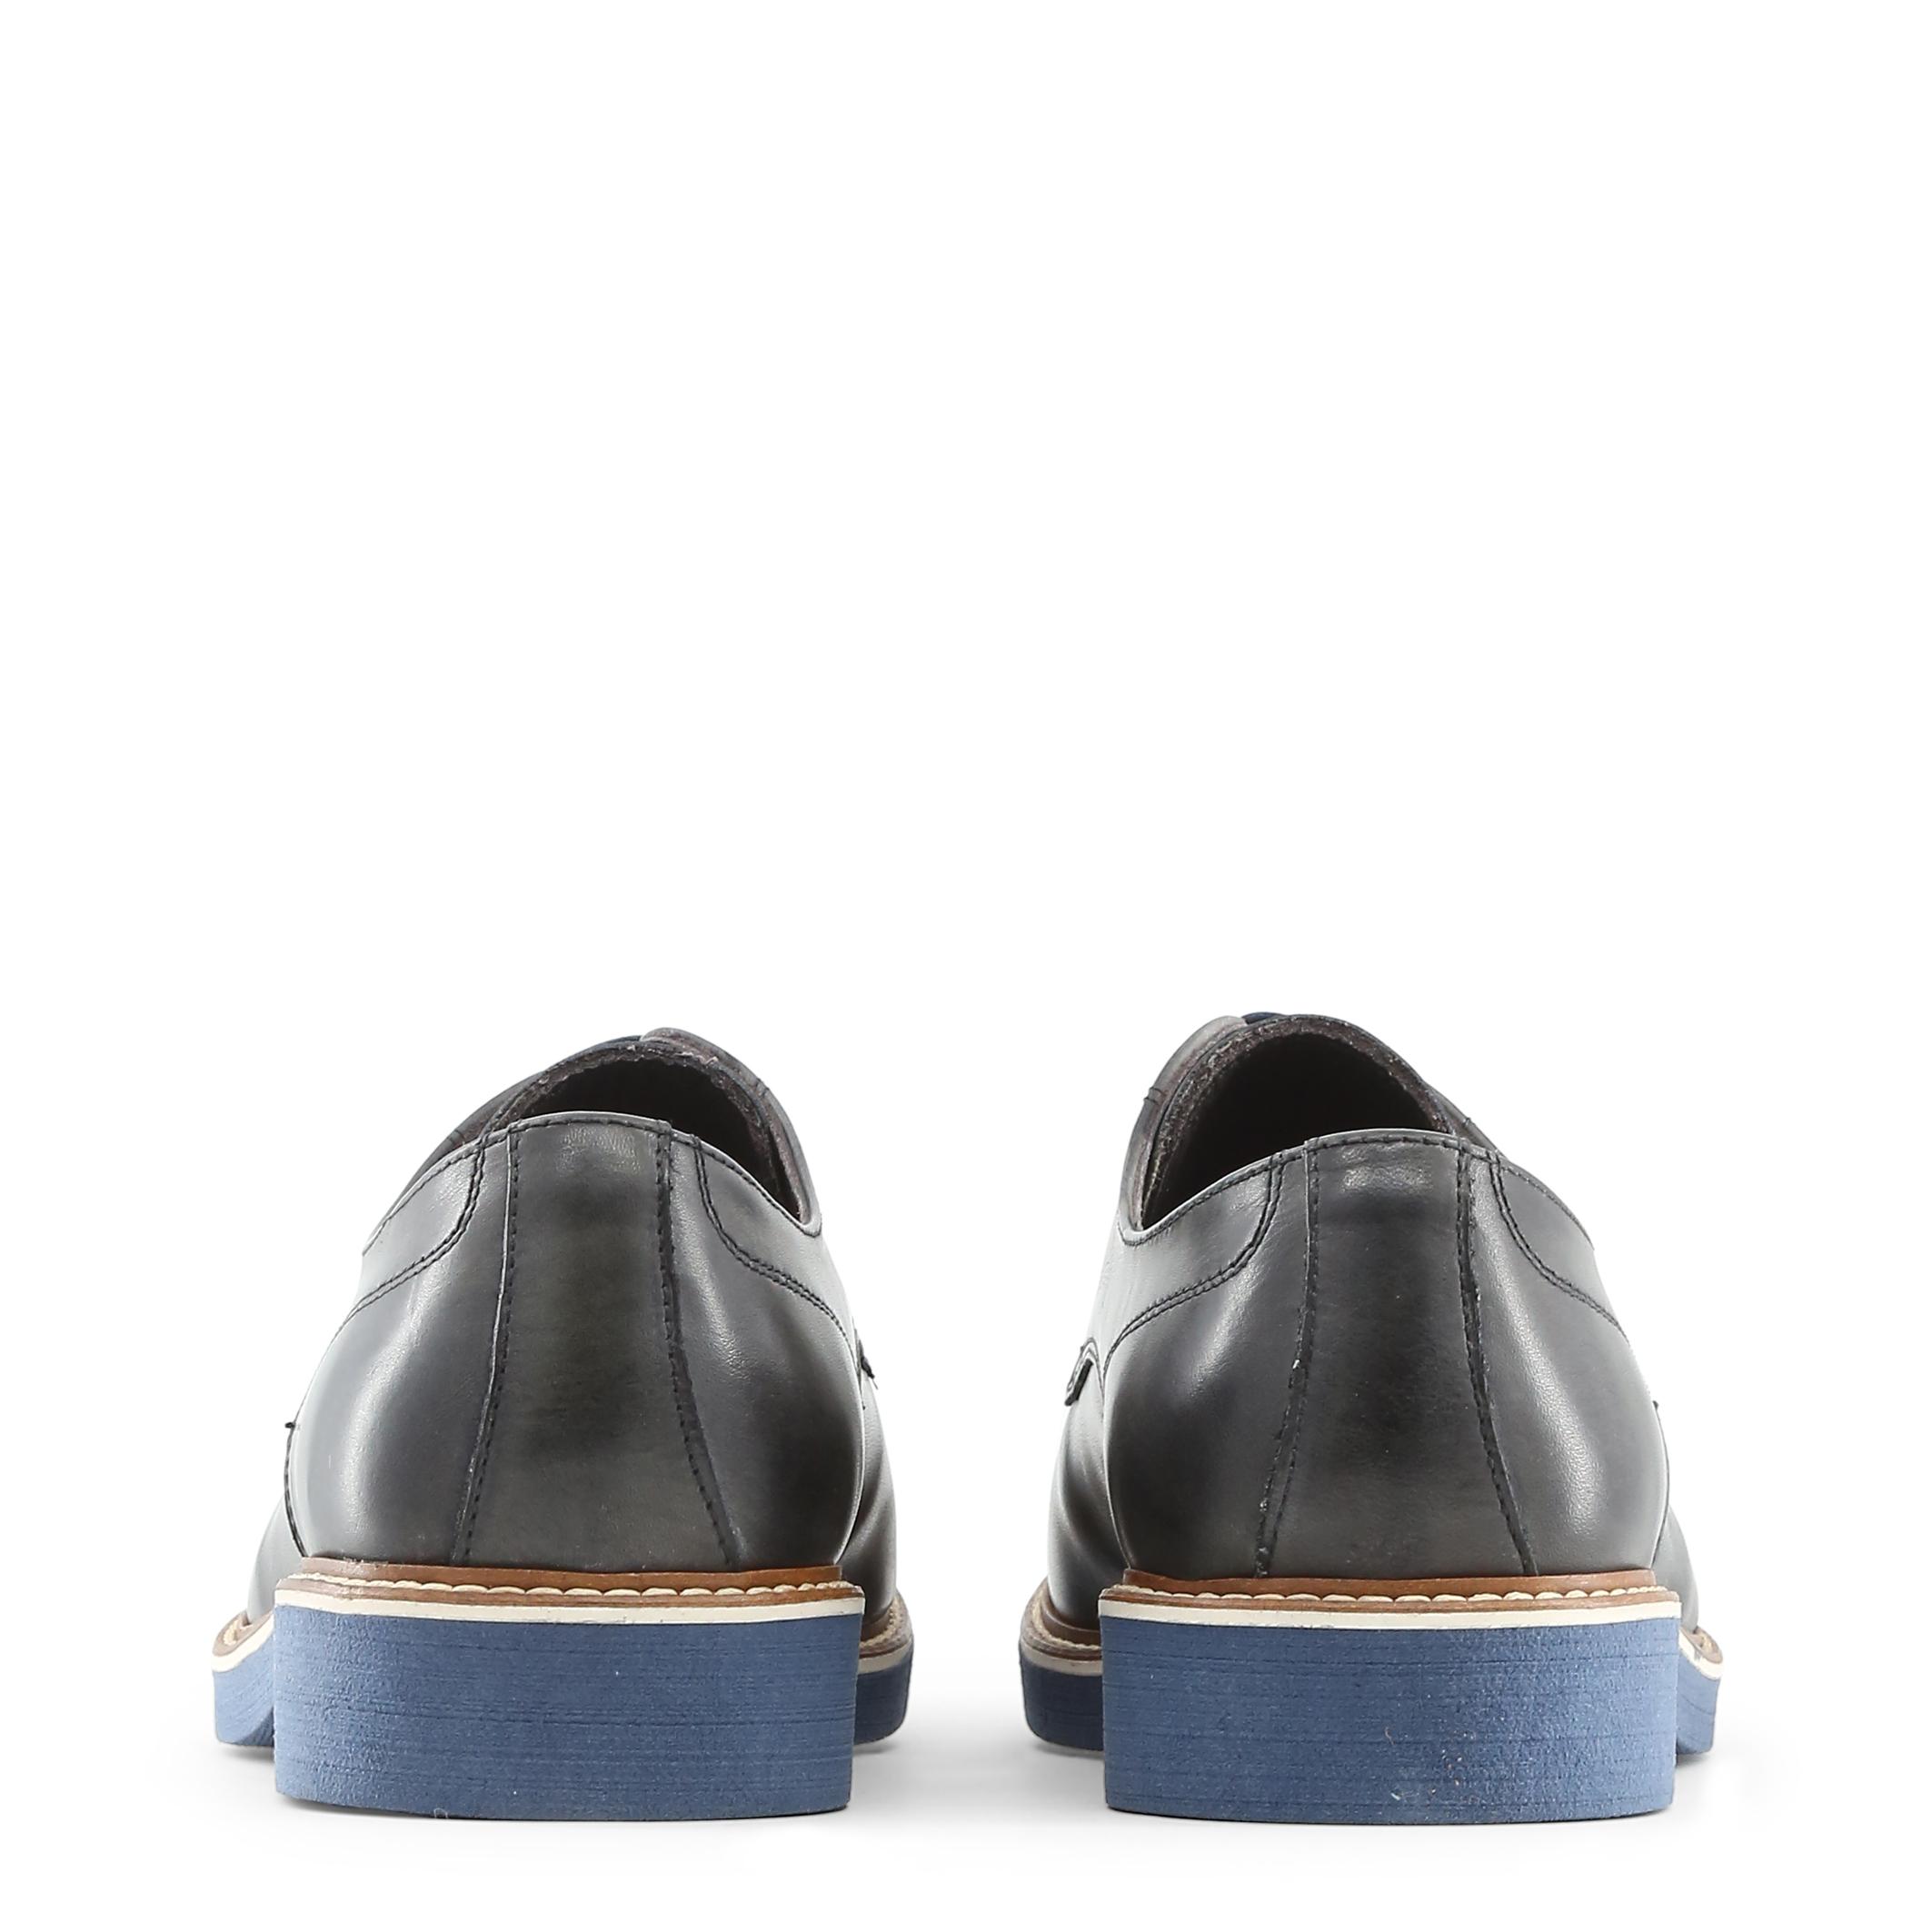 Chaussures   Made in Italia EMILIO grey